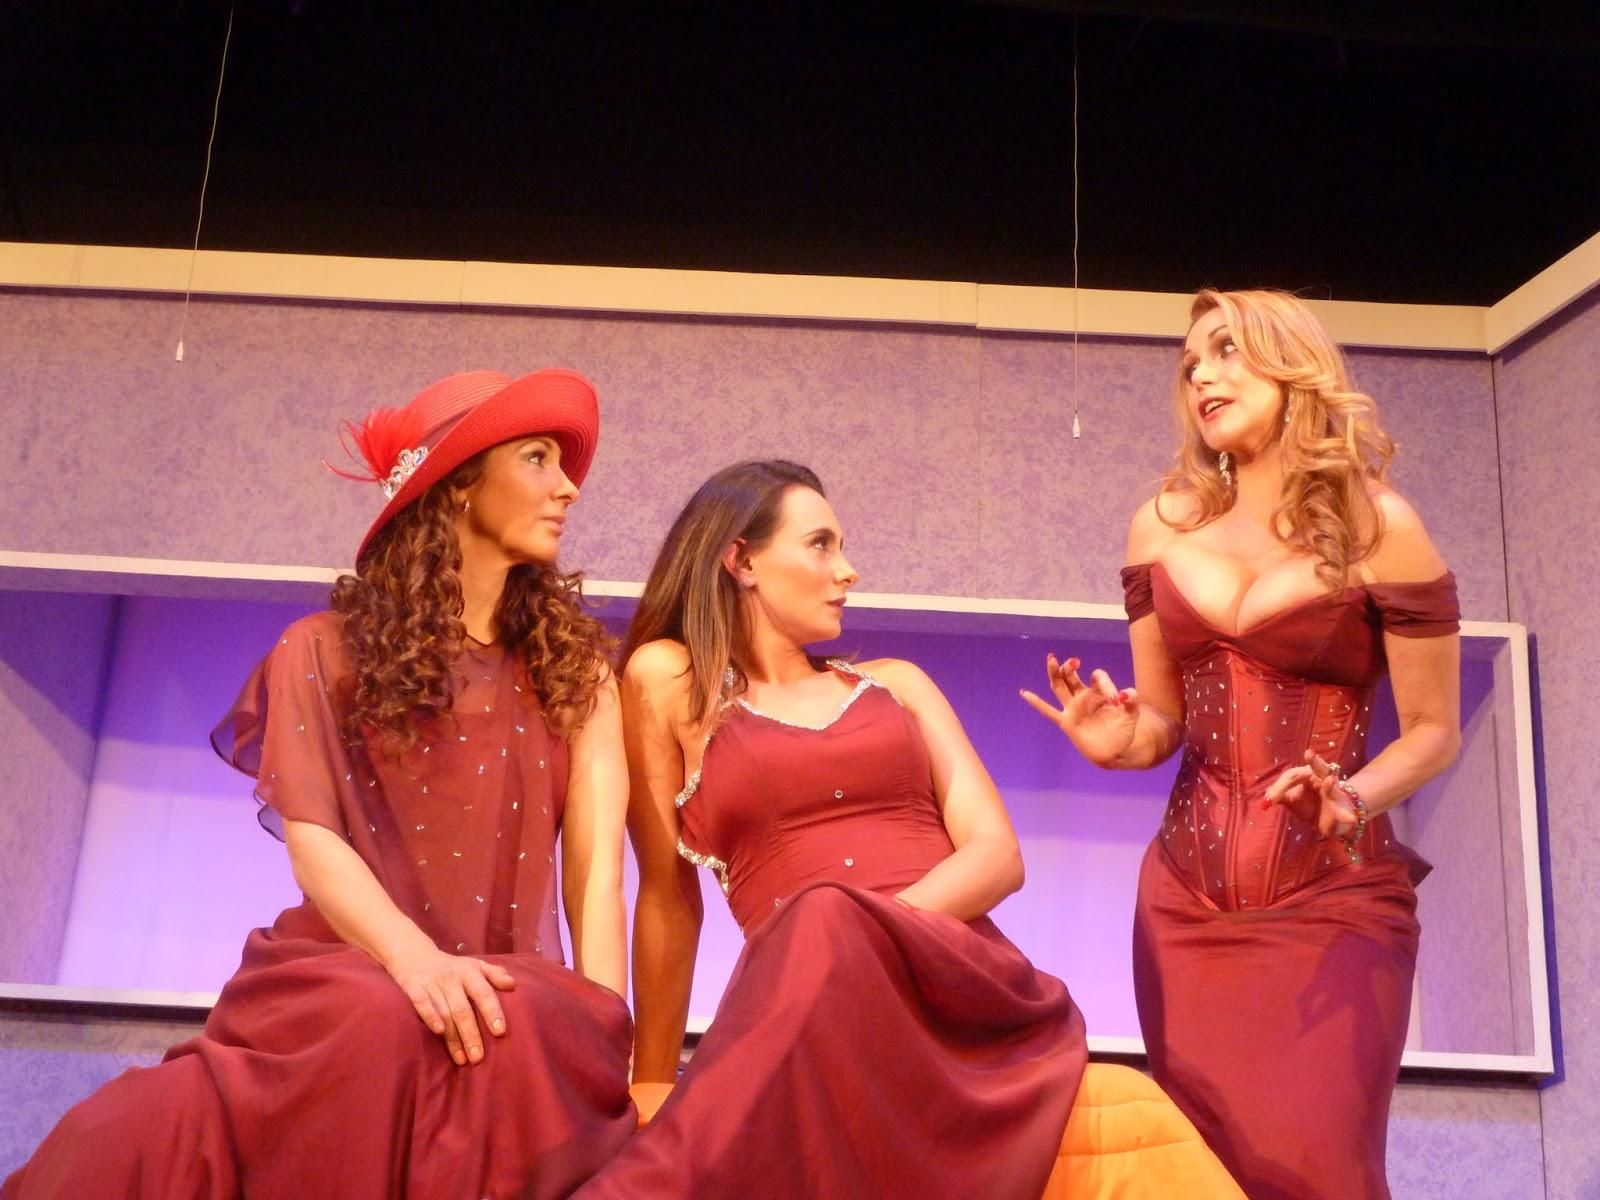 Galeria Teatral: 5 MUJERES CON EL MISMO VESTIDO